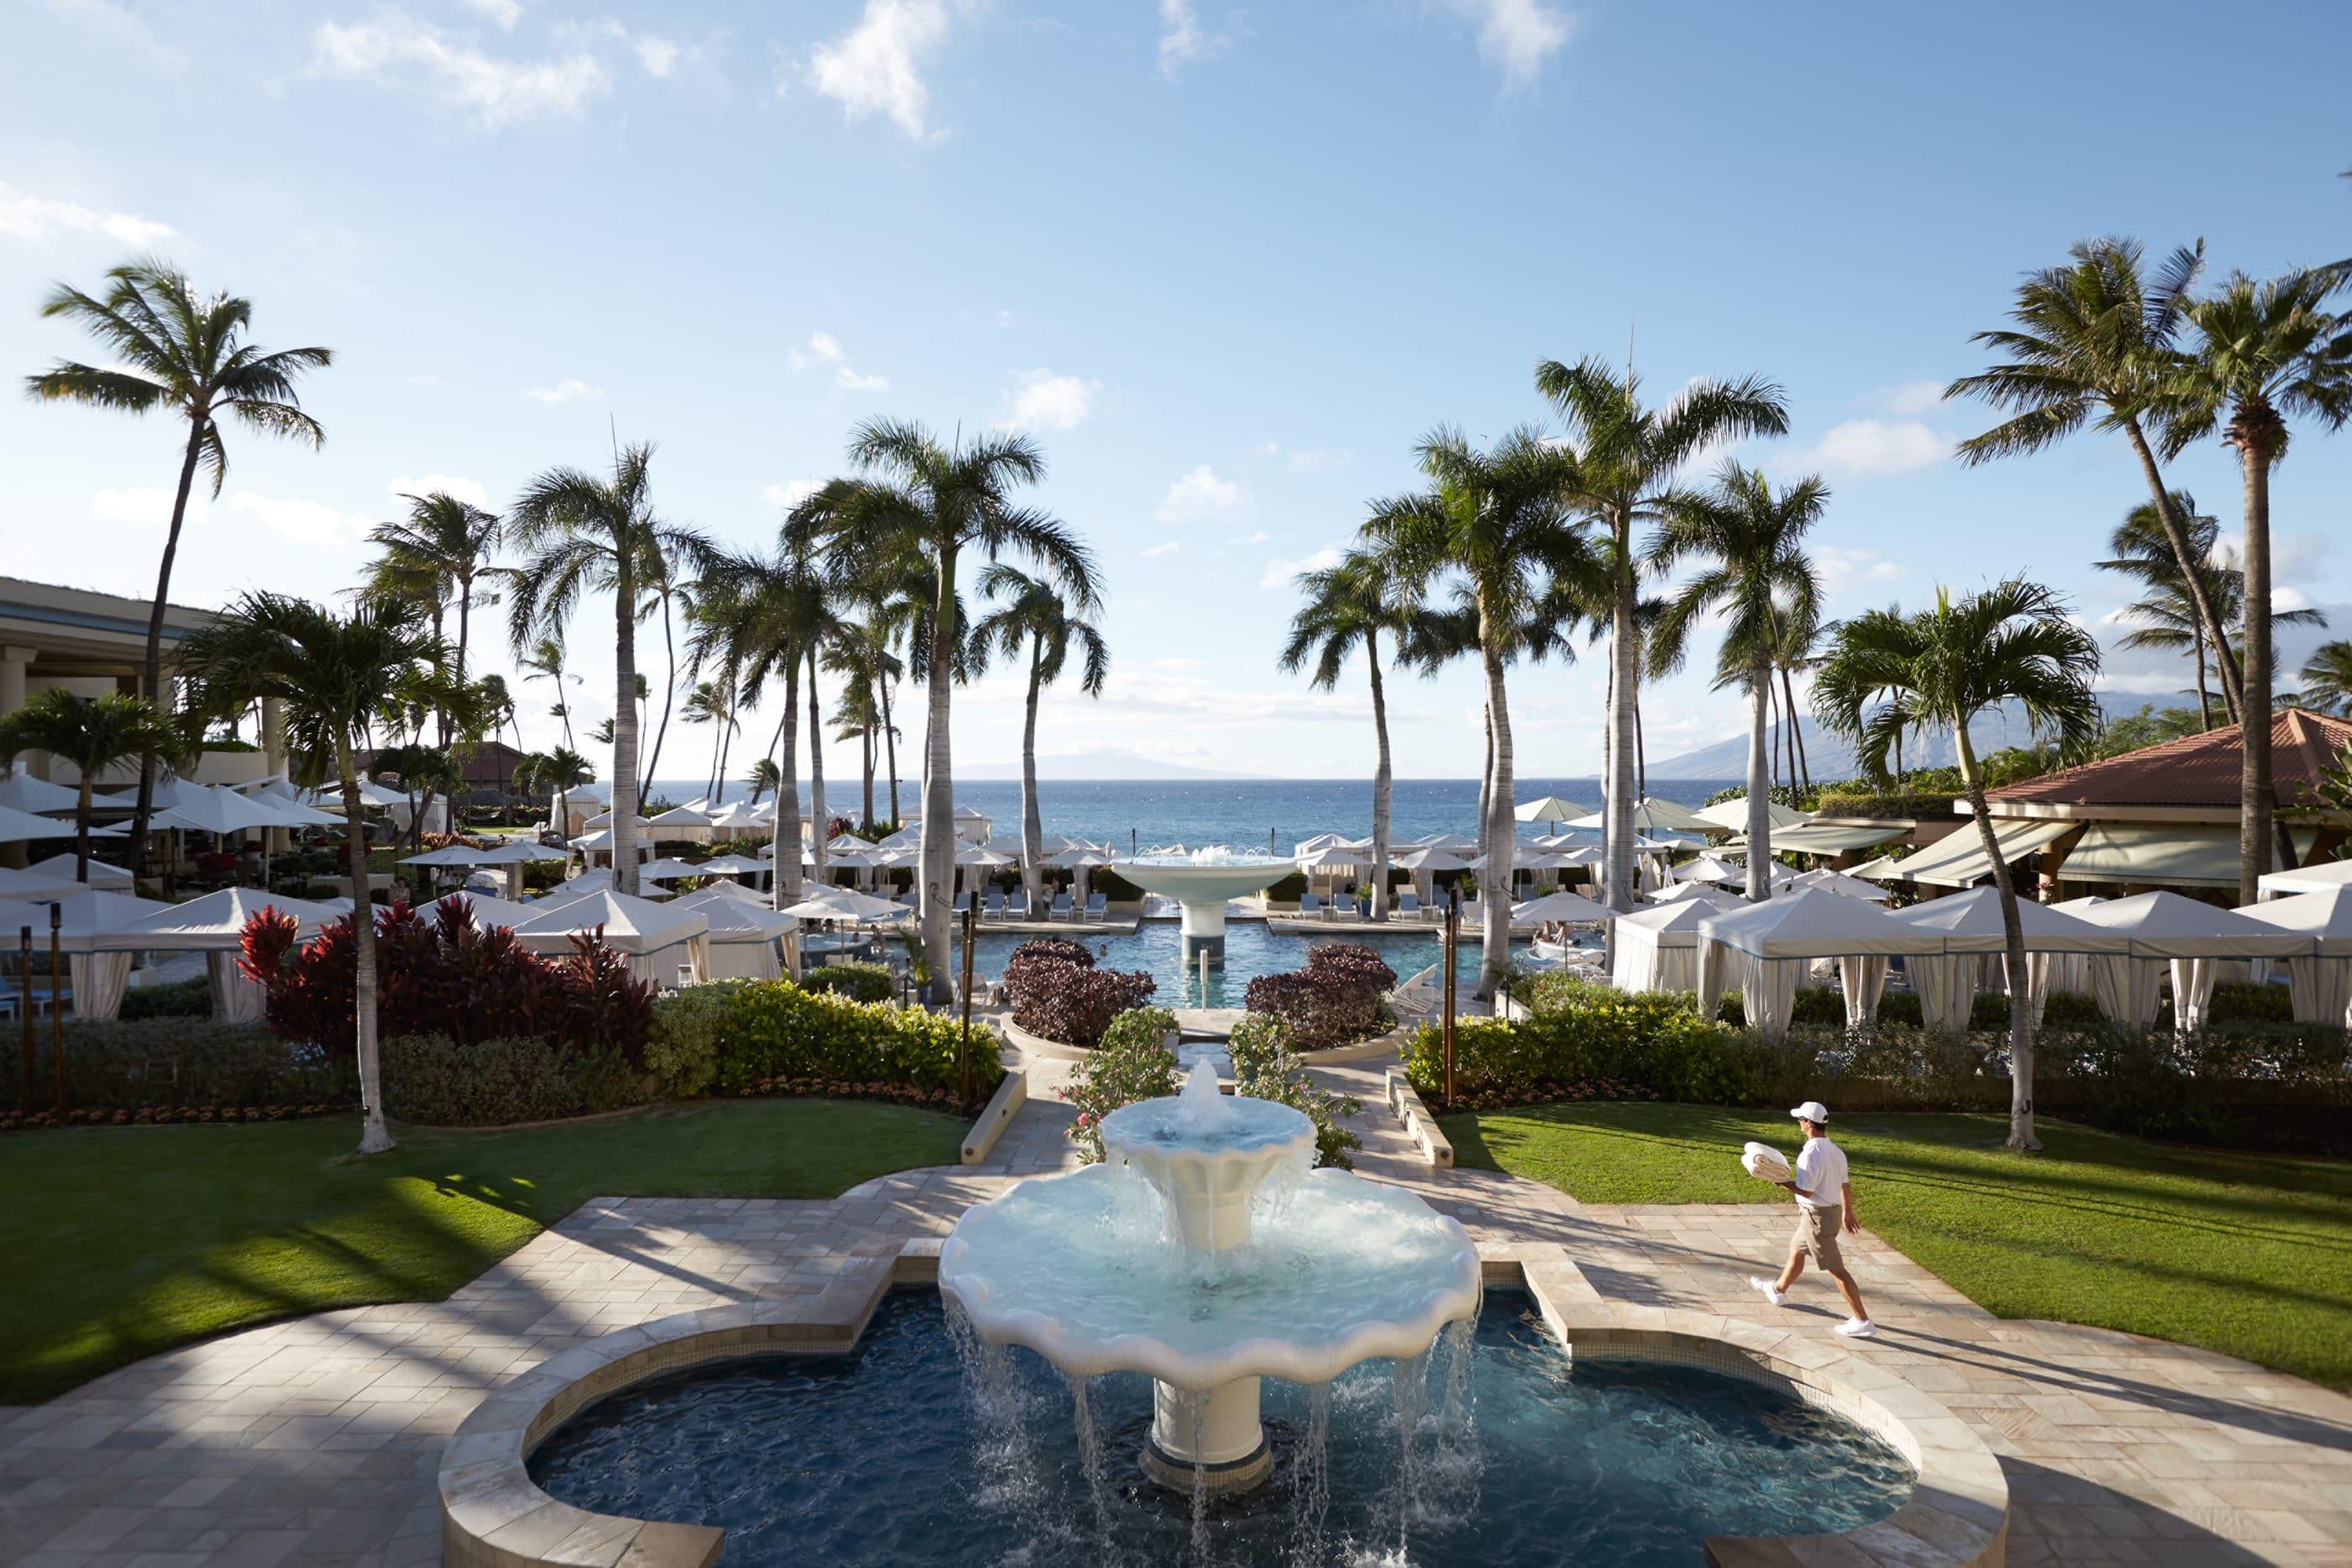 Maui Hawaii Hotels: Four Seasons Resort Maui at Wailea